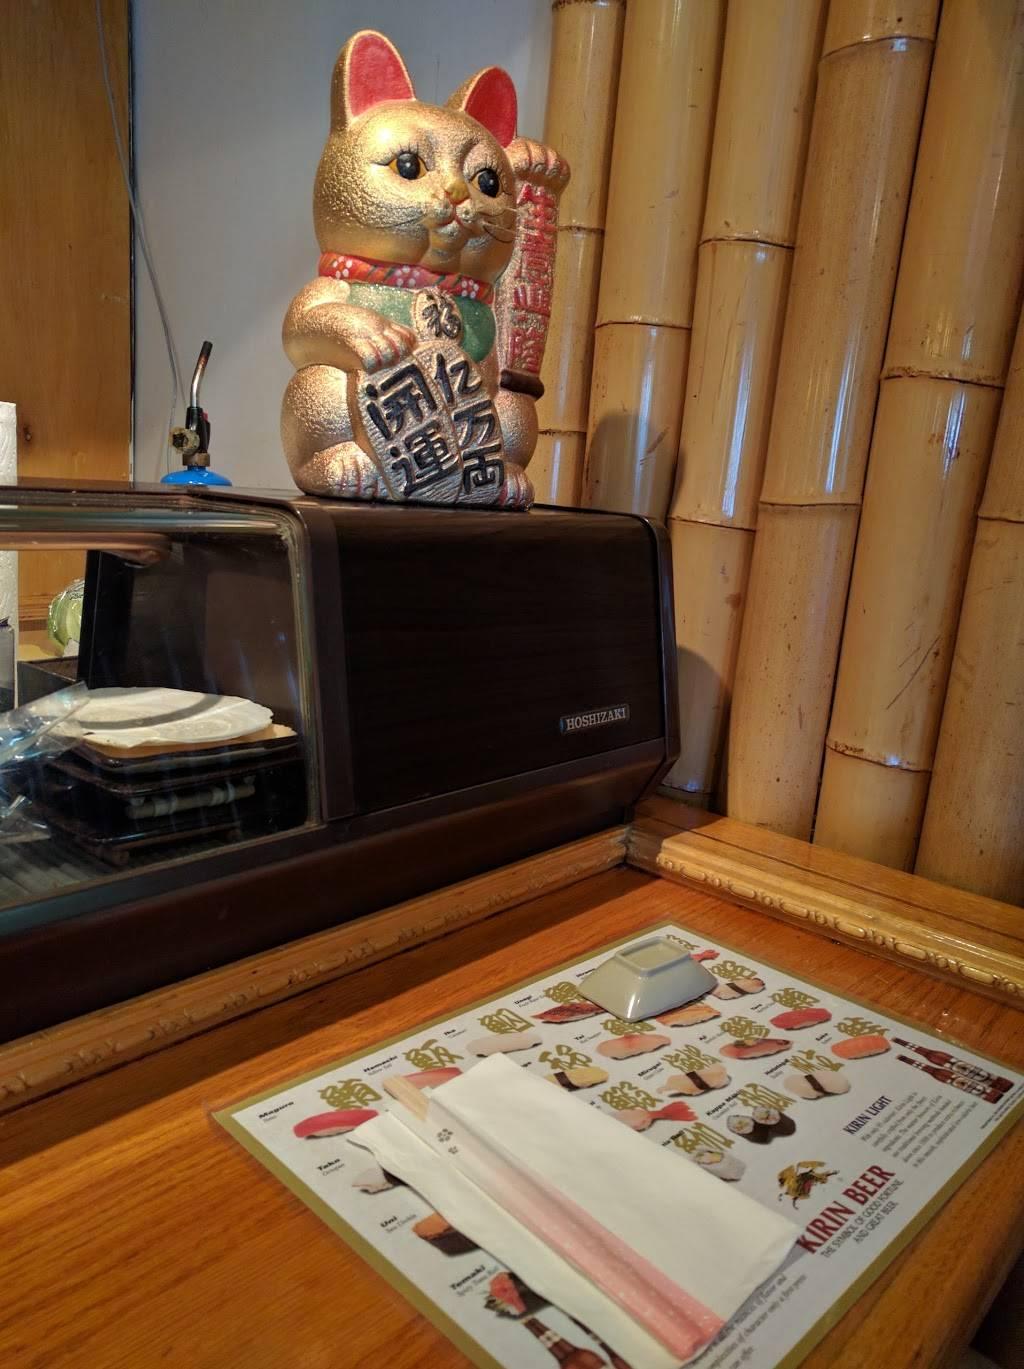 Samurai Hibachi & Sushi | meal takeaway | 1596 Boston Post Rd, Old Saybrook, CT 06475, USA | 8603991113 OR +1 860-399-1113